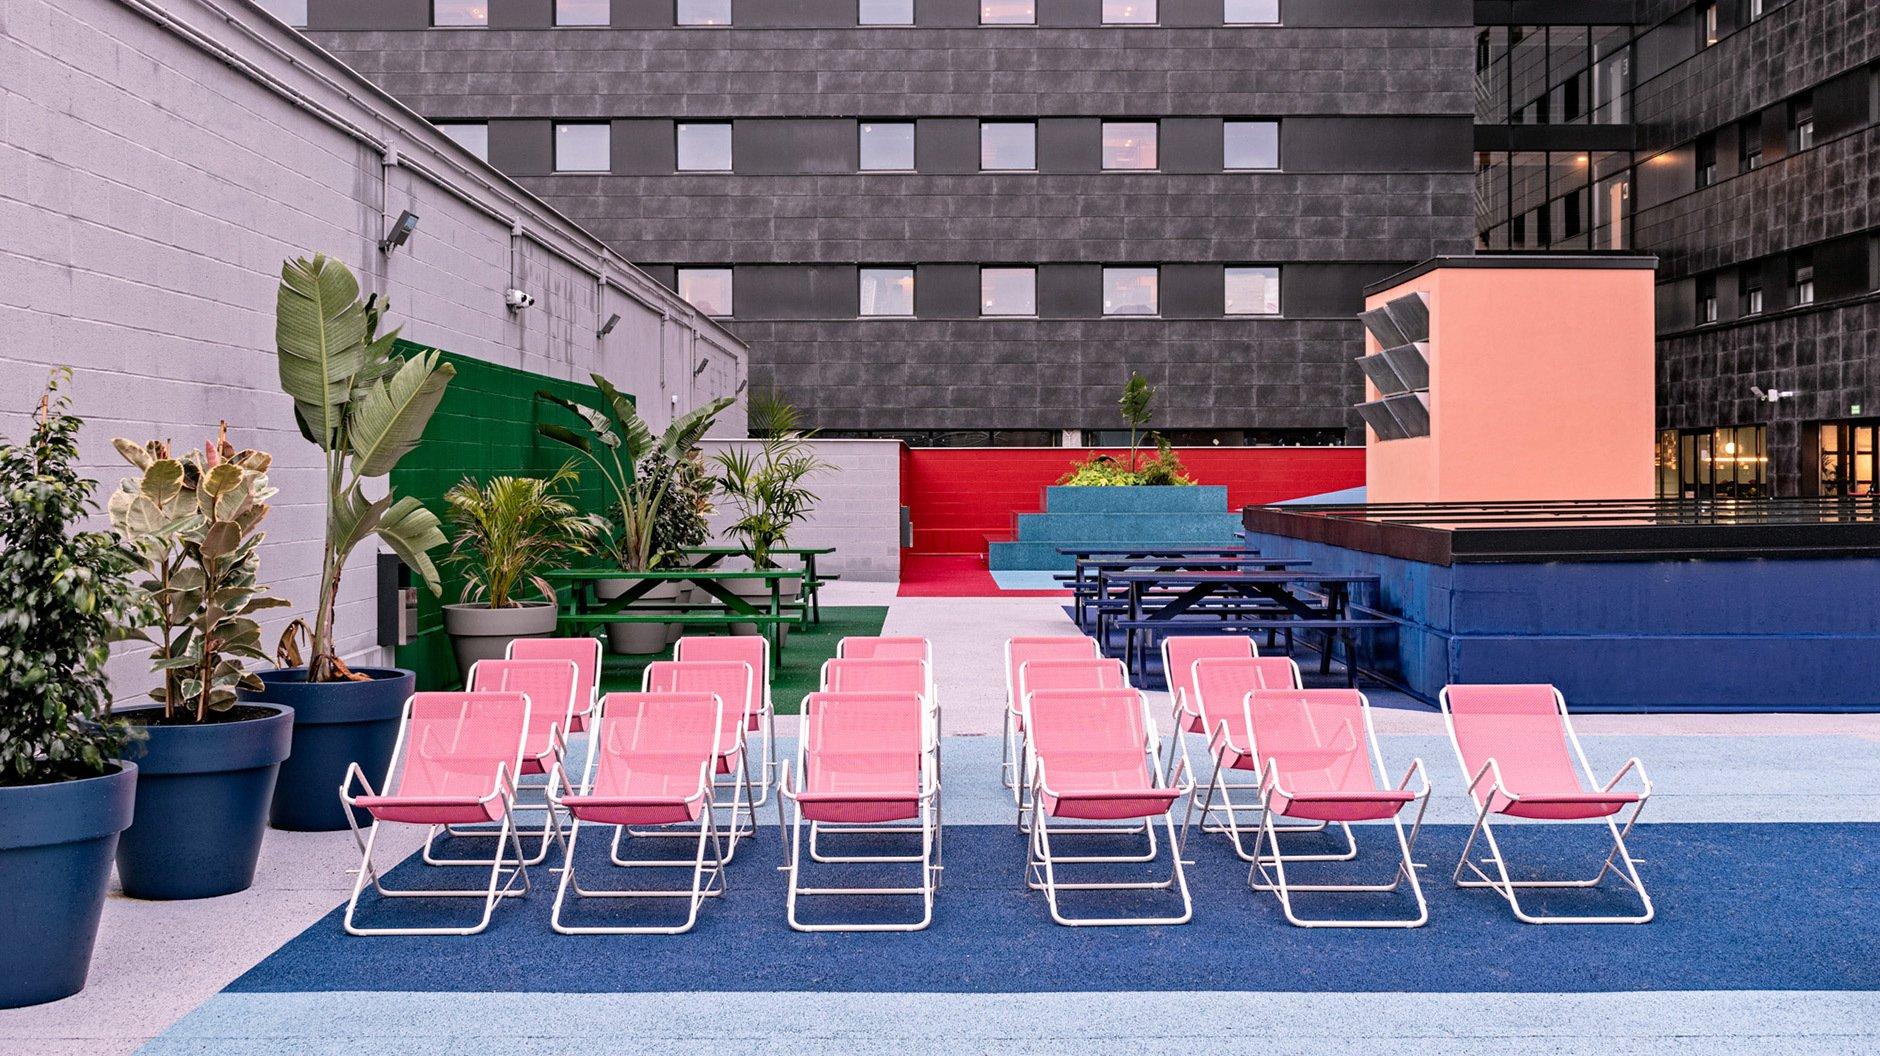 Bunt, bunter, Masquespacio: Die spanischen Spezialisten für Blockfarben haben eine Studentenresidenz in Bilbao einem konsequenten Color-Code unterworfen.